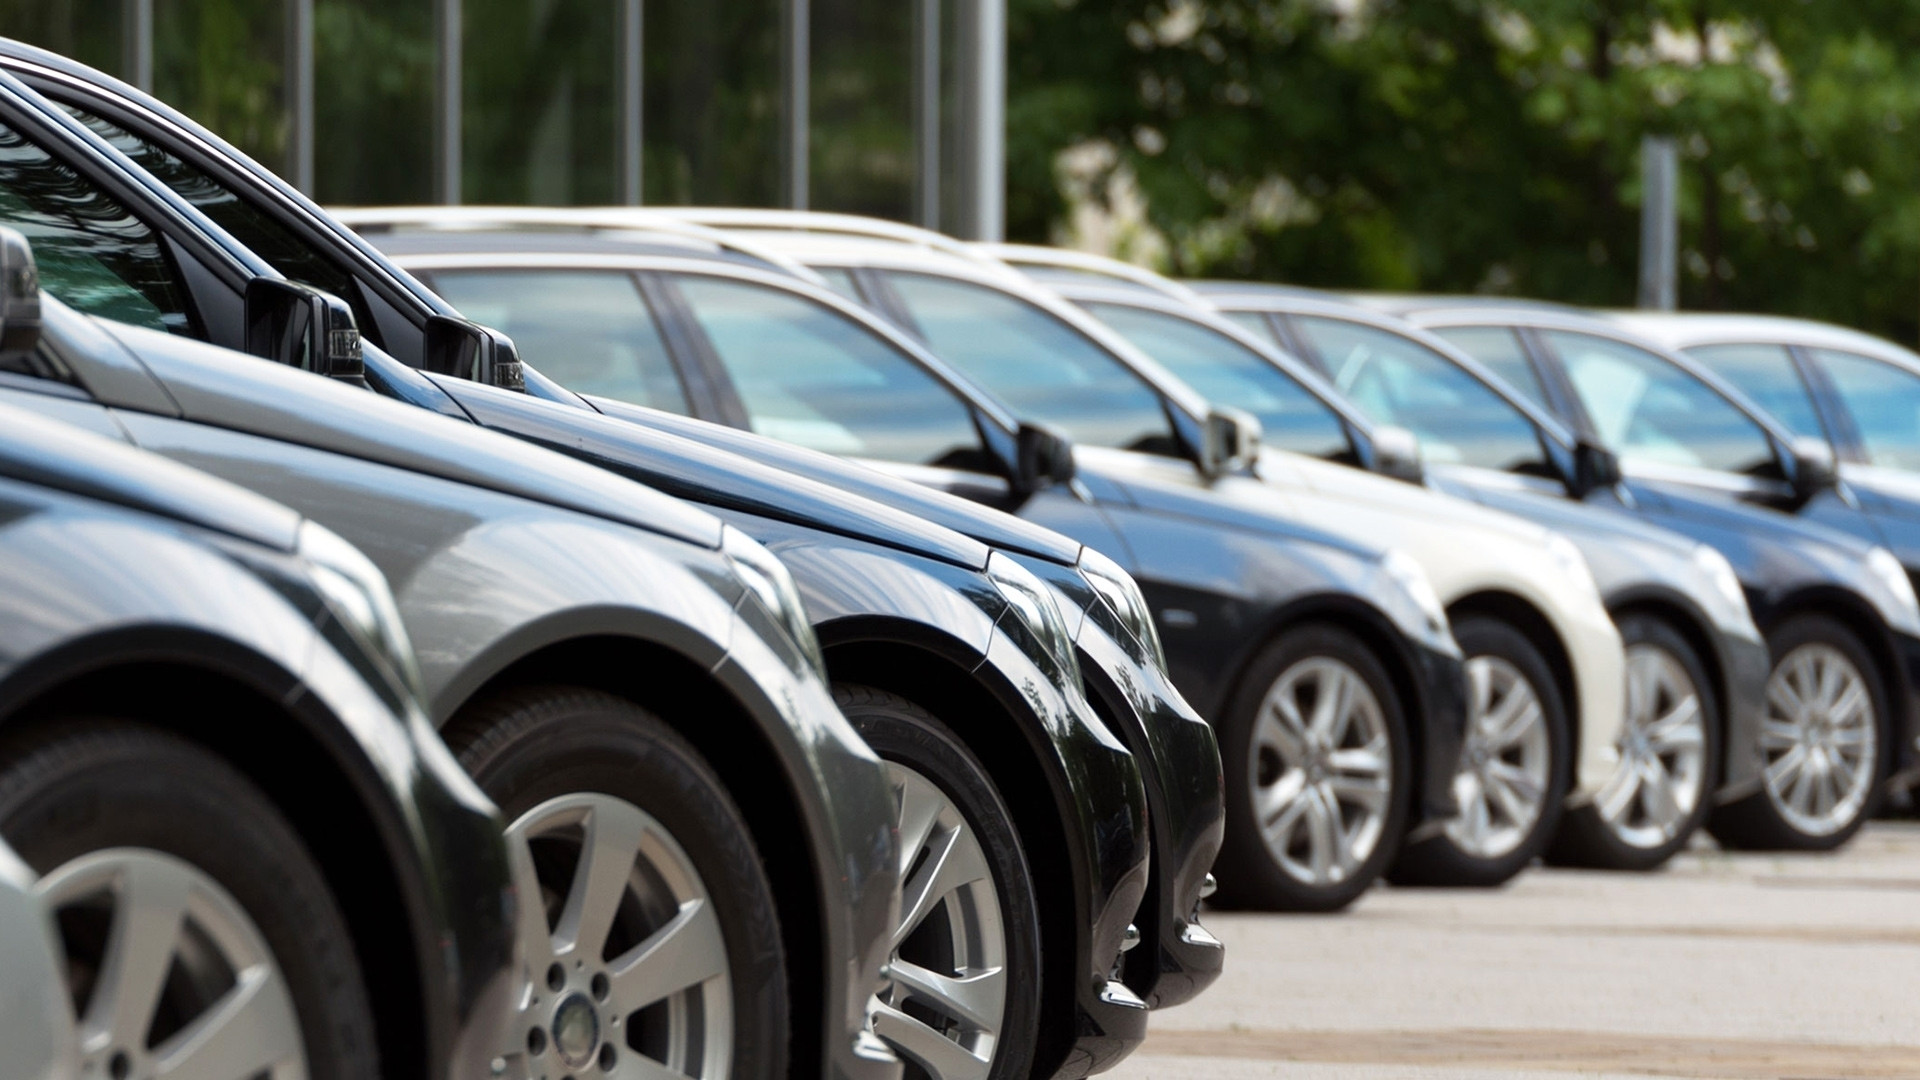 copertina-vendite-auto-crescono-le-aziende-a-scapito-dei-privati